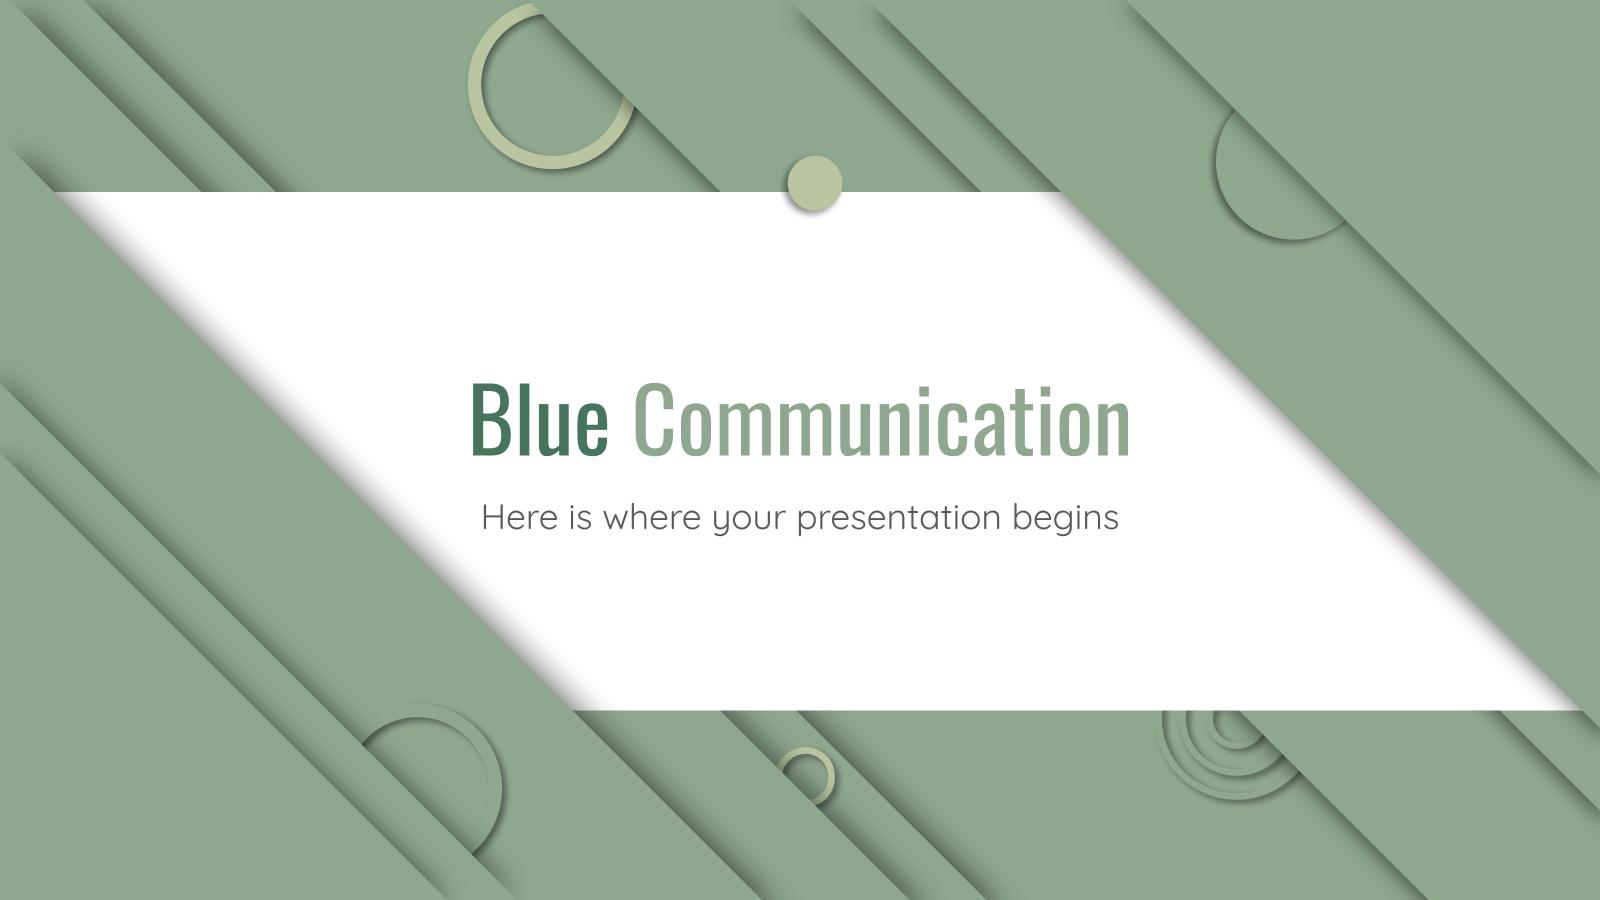 Communication bleu : Modèles de présentation